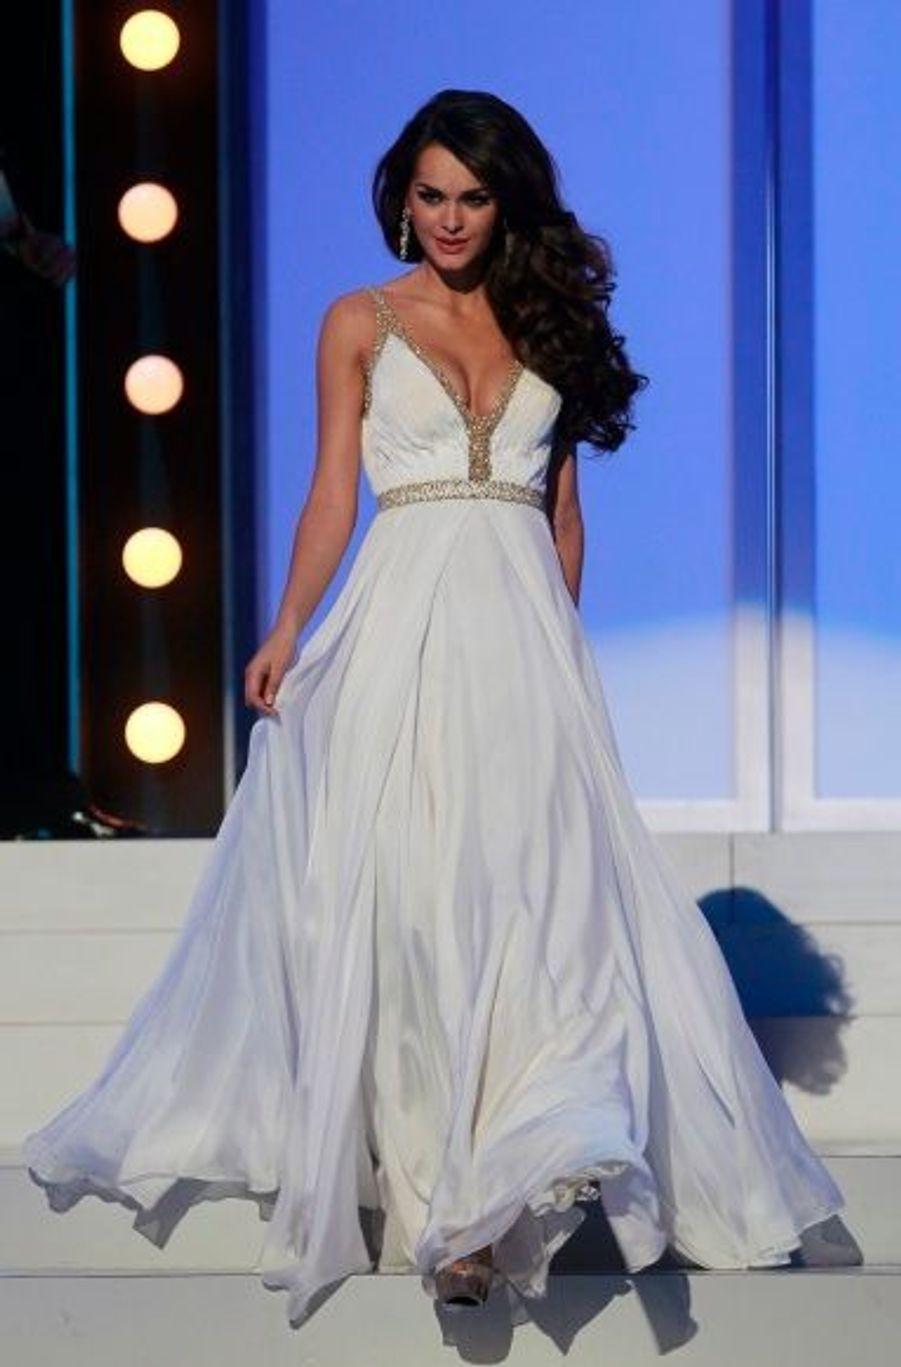 Miss Ukraine, Olesia Stefanko.